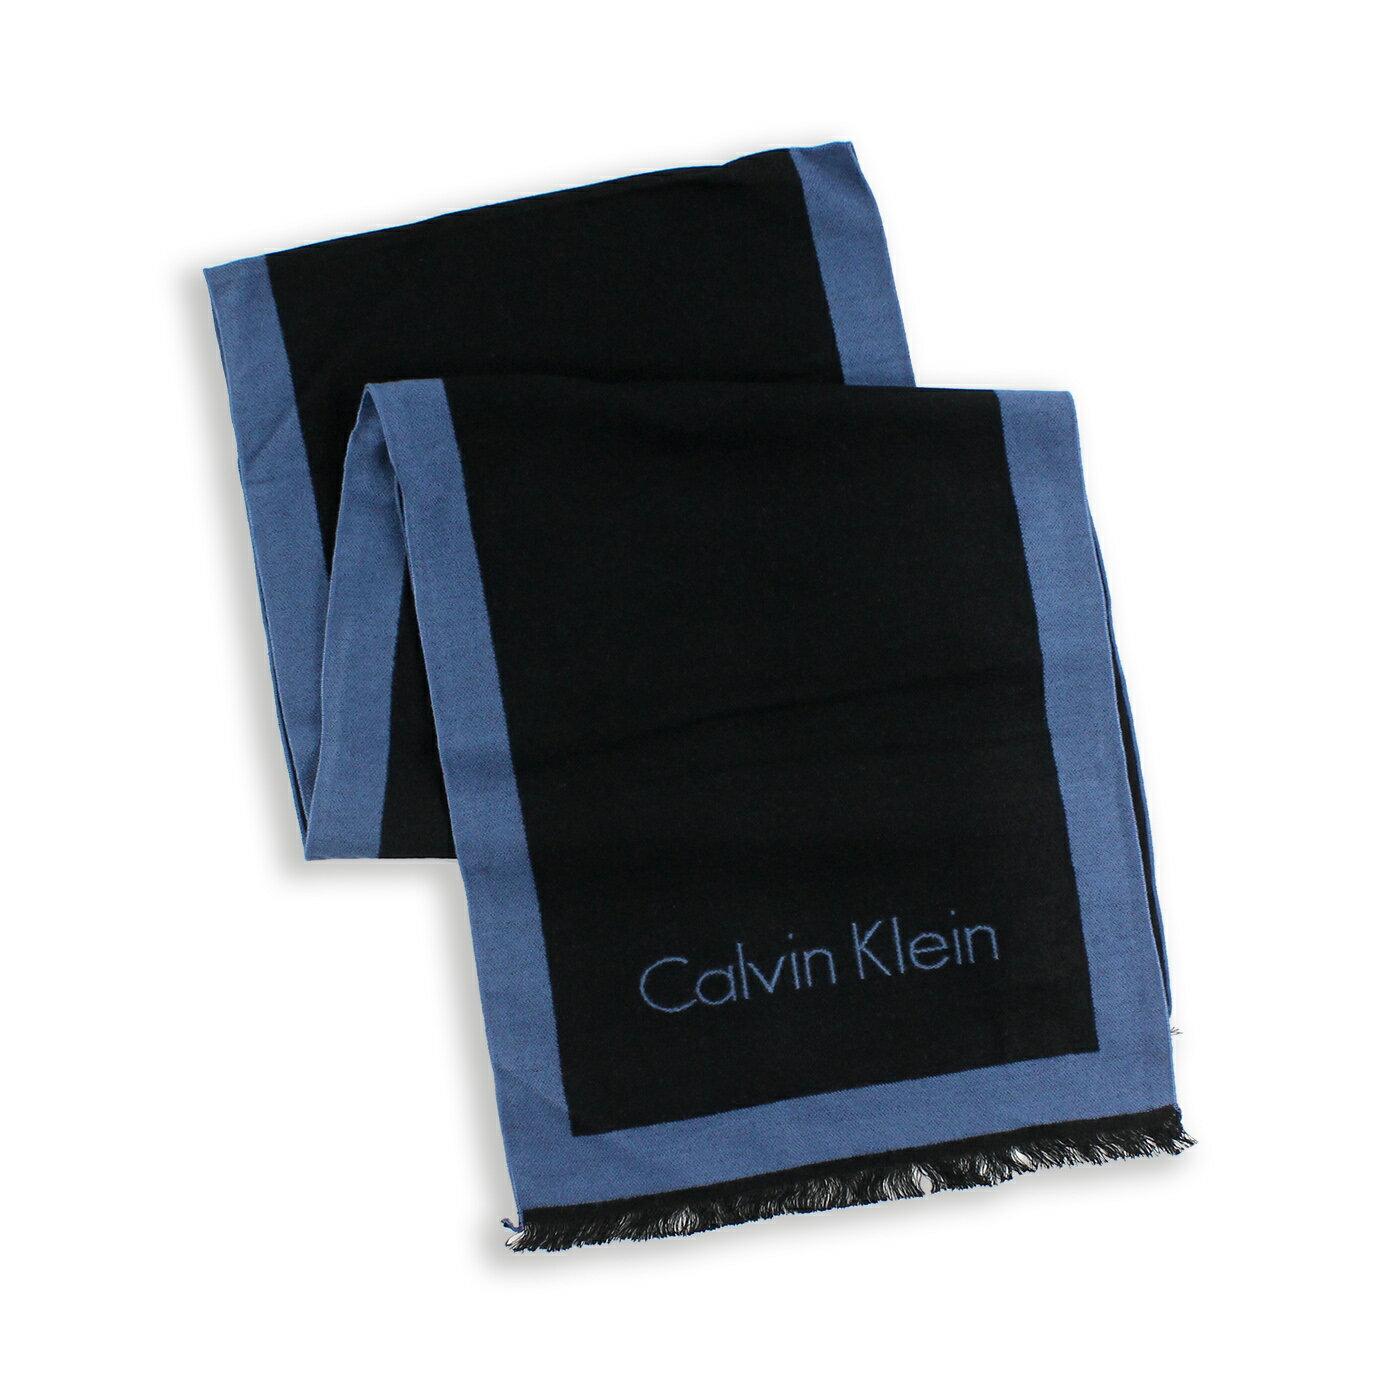 美國百分百【全新真品 】Calvin Klein 圍巾 CK 披肩 披巾 配件 人造絲 男 女 黑色 藍灰 G201